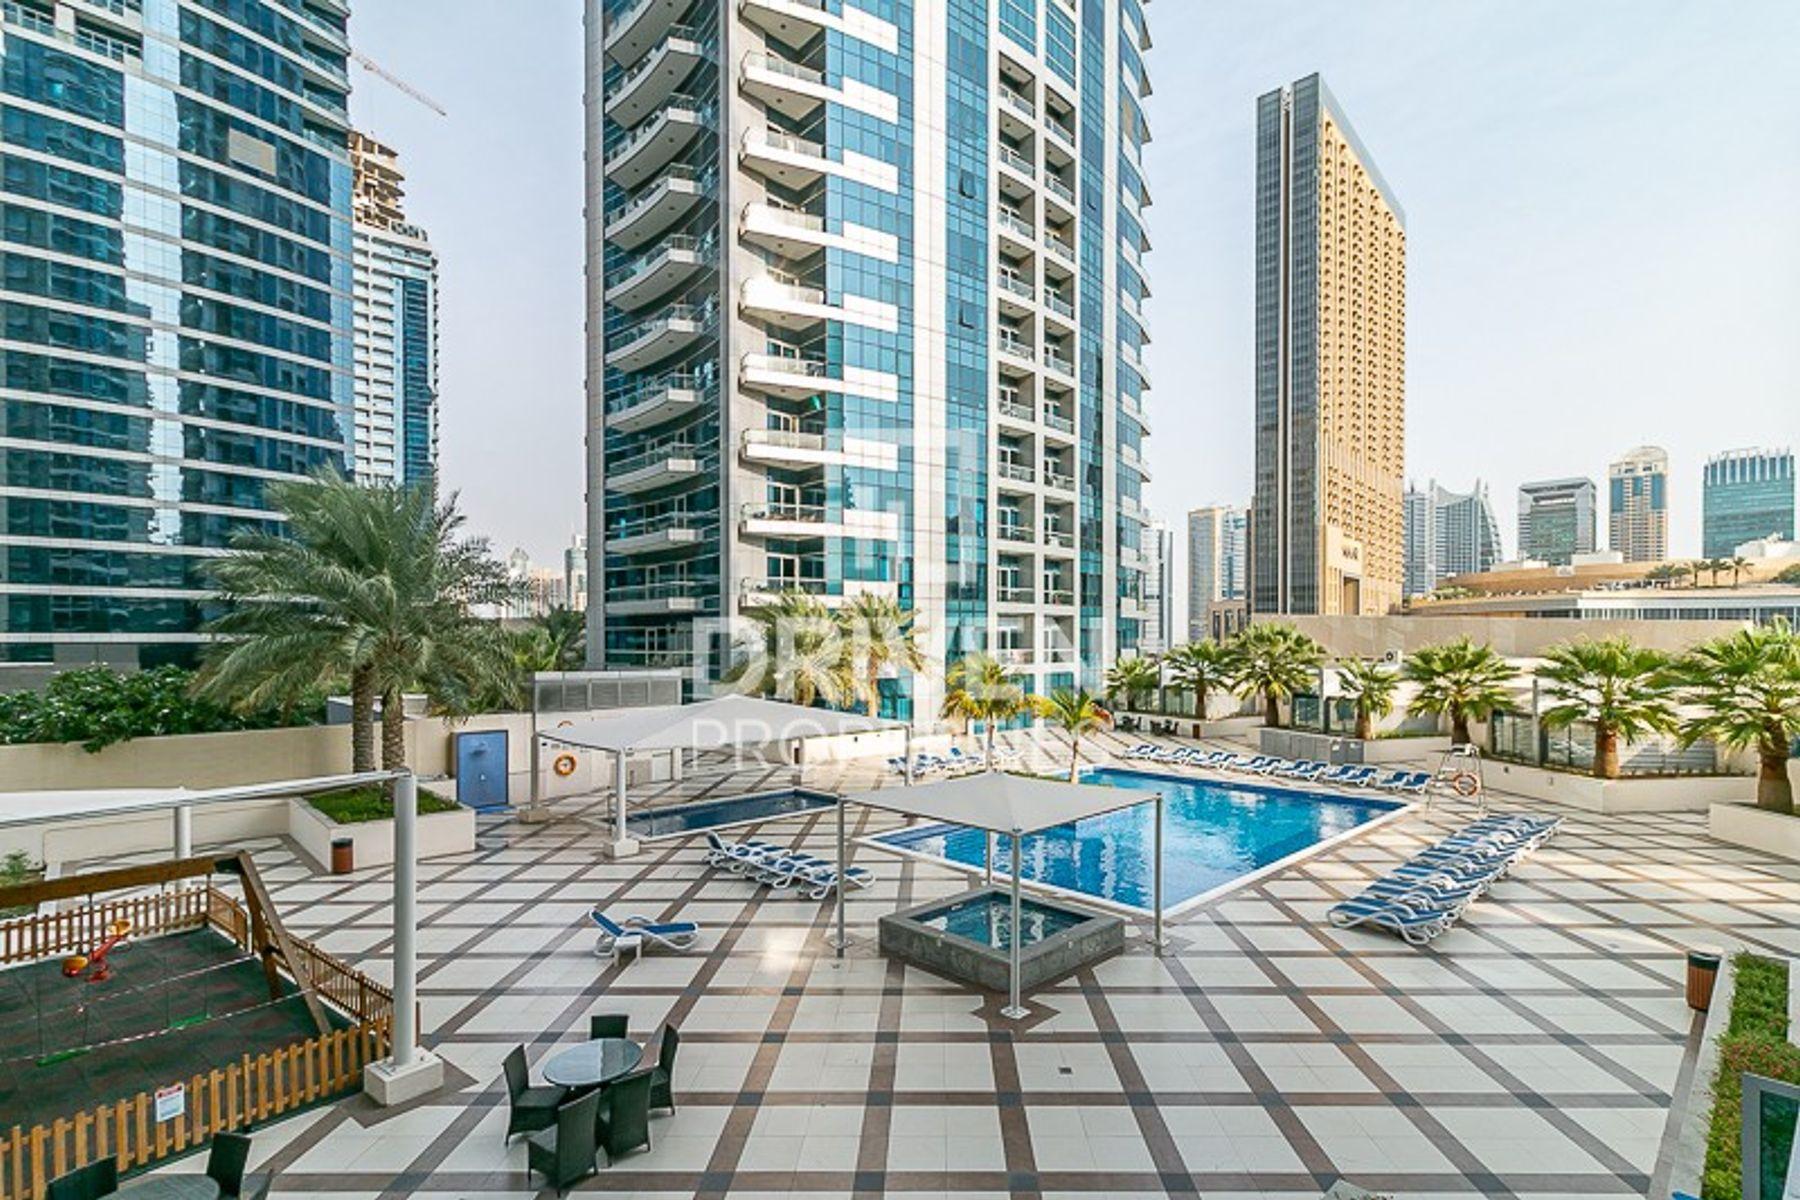 للايجار - شقة - باي سنترال غرب - دبي مارينا